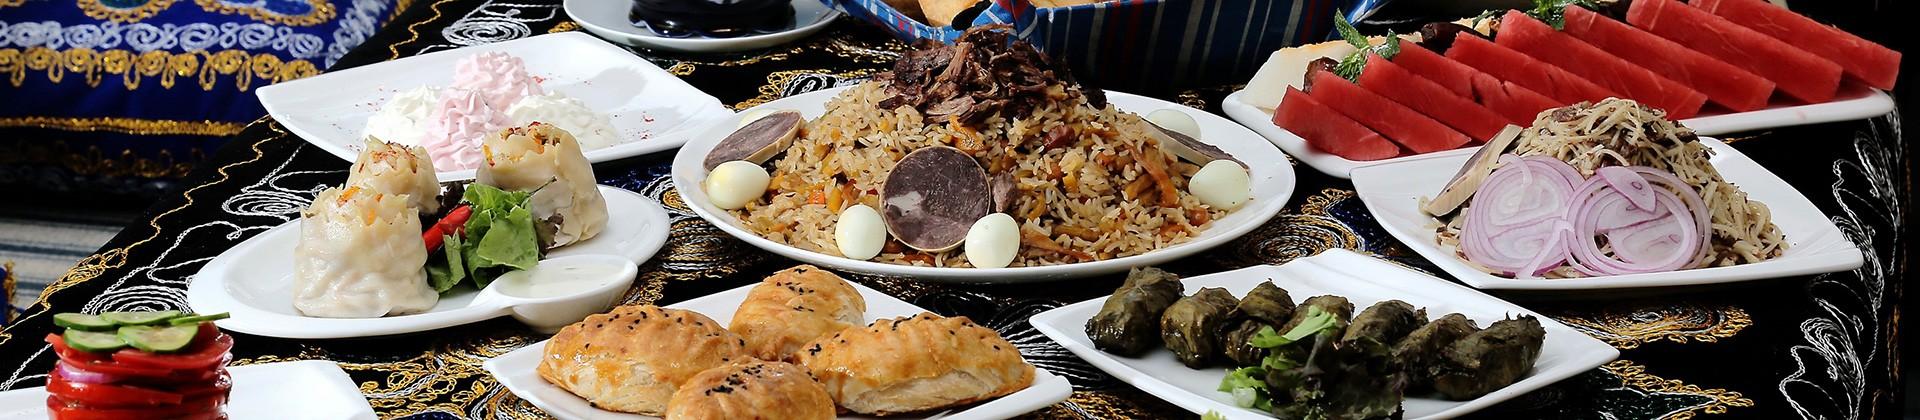 Uzbek Food - 1